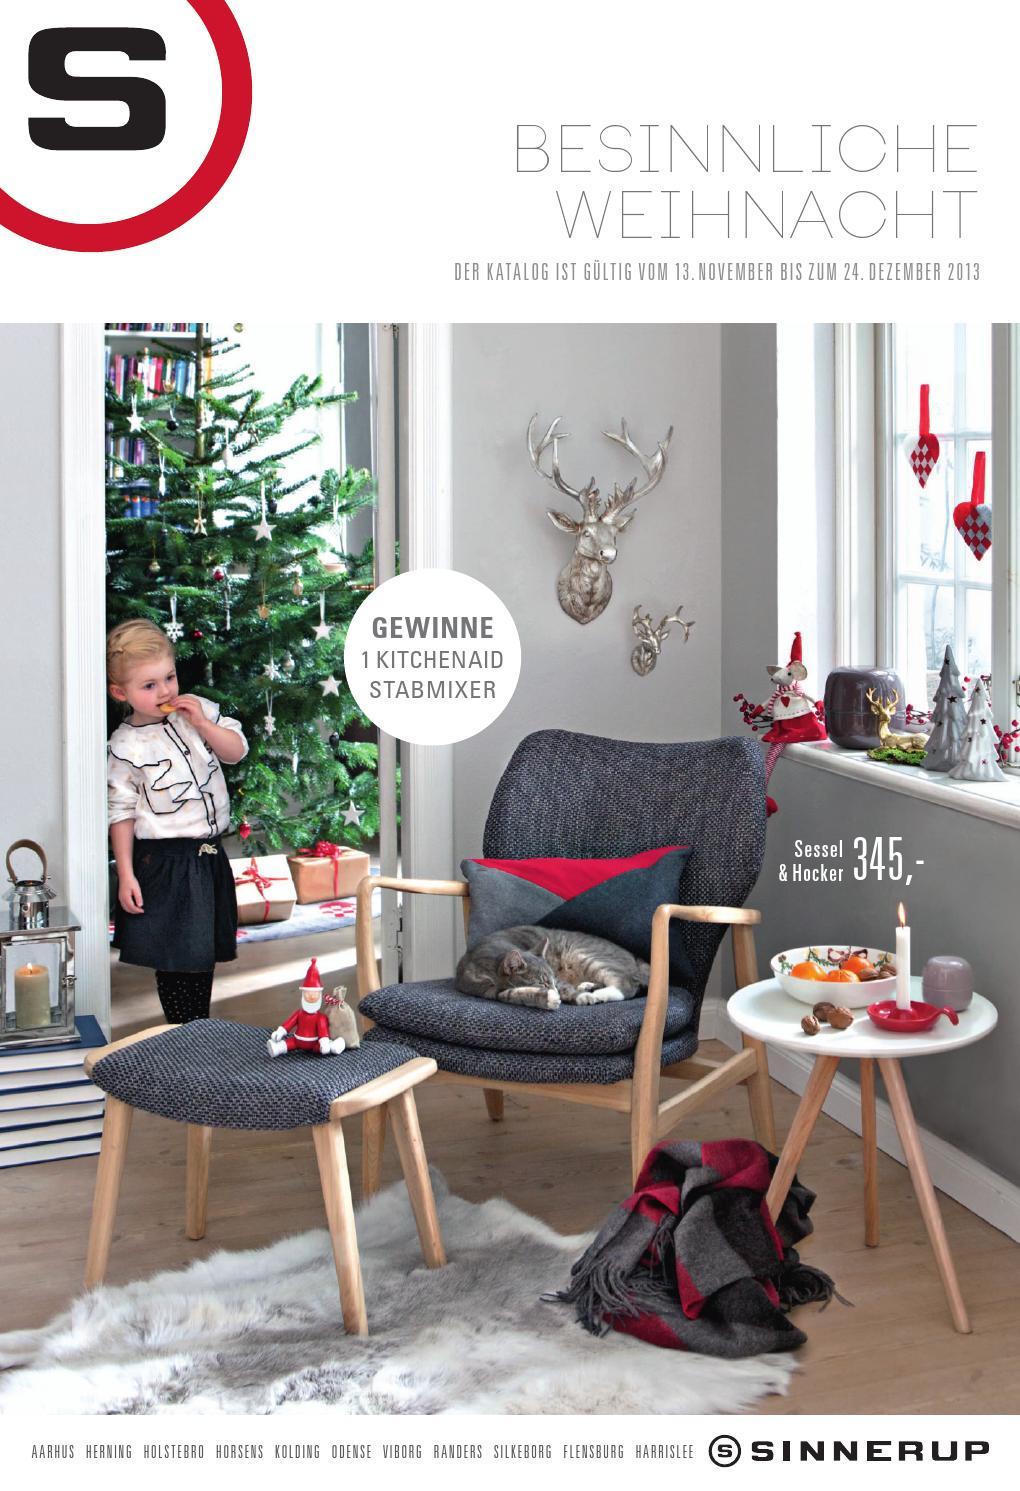 Sinnerup besinnliche weihnacht by sinnerup issuu for Tannenbaumspitze stern